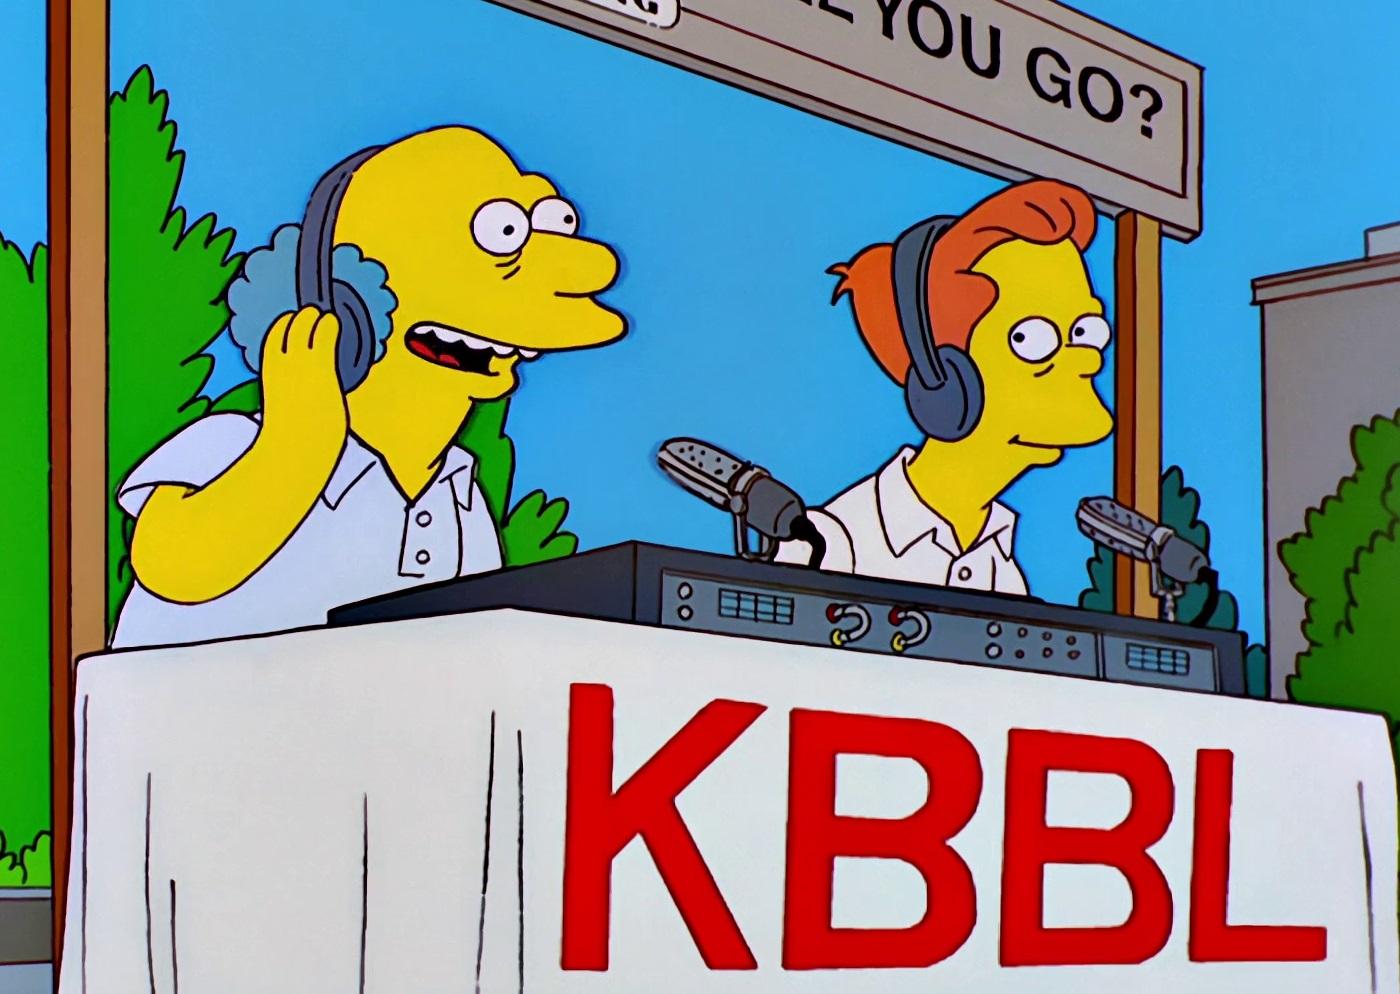 File:KBBL.jpg